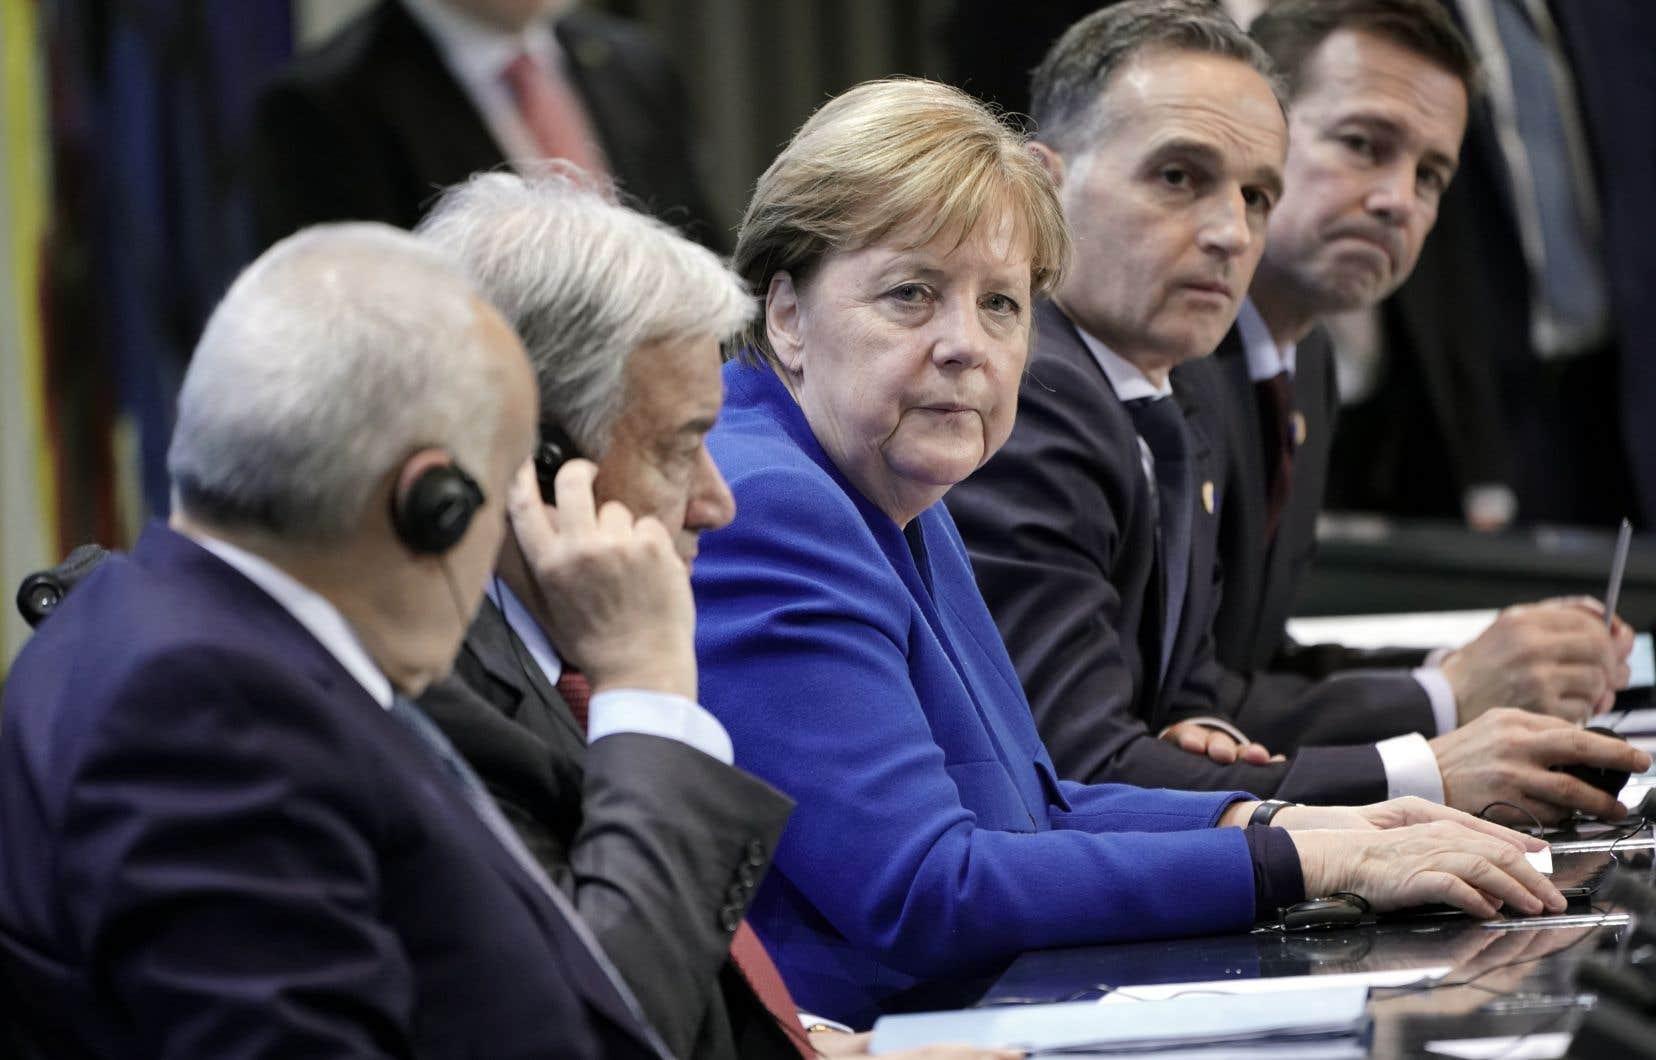 Angela Merkel, hôte de la conférence, a parlé d'un «petit pas en avant».